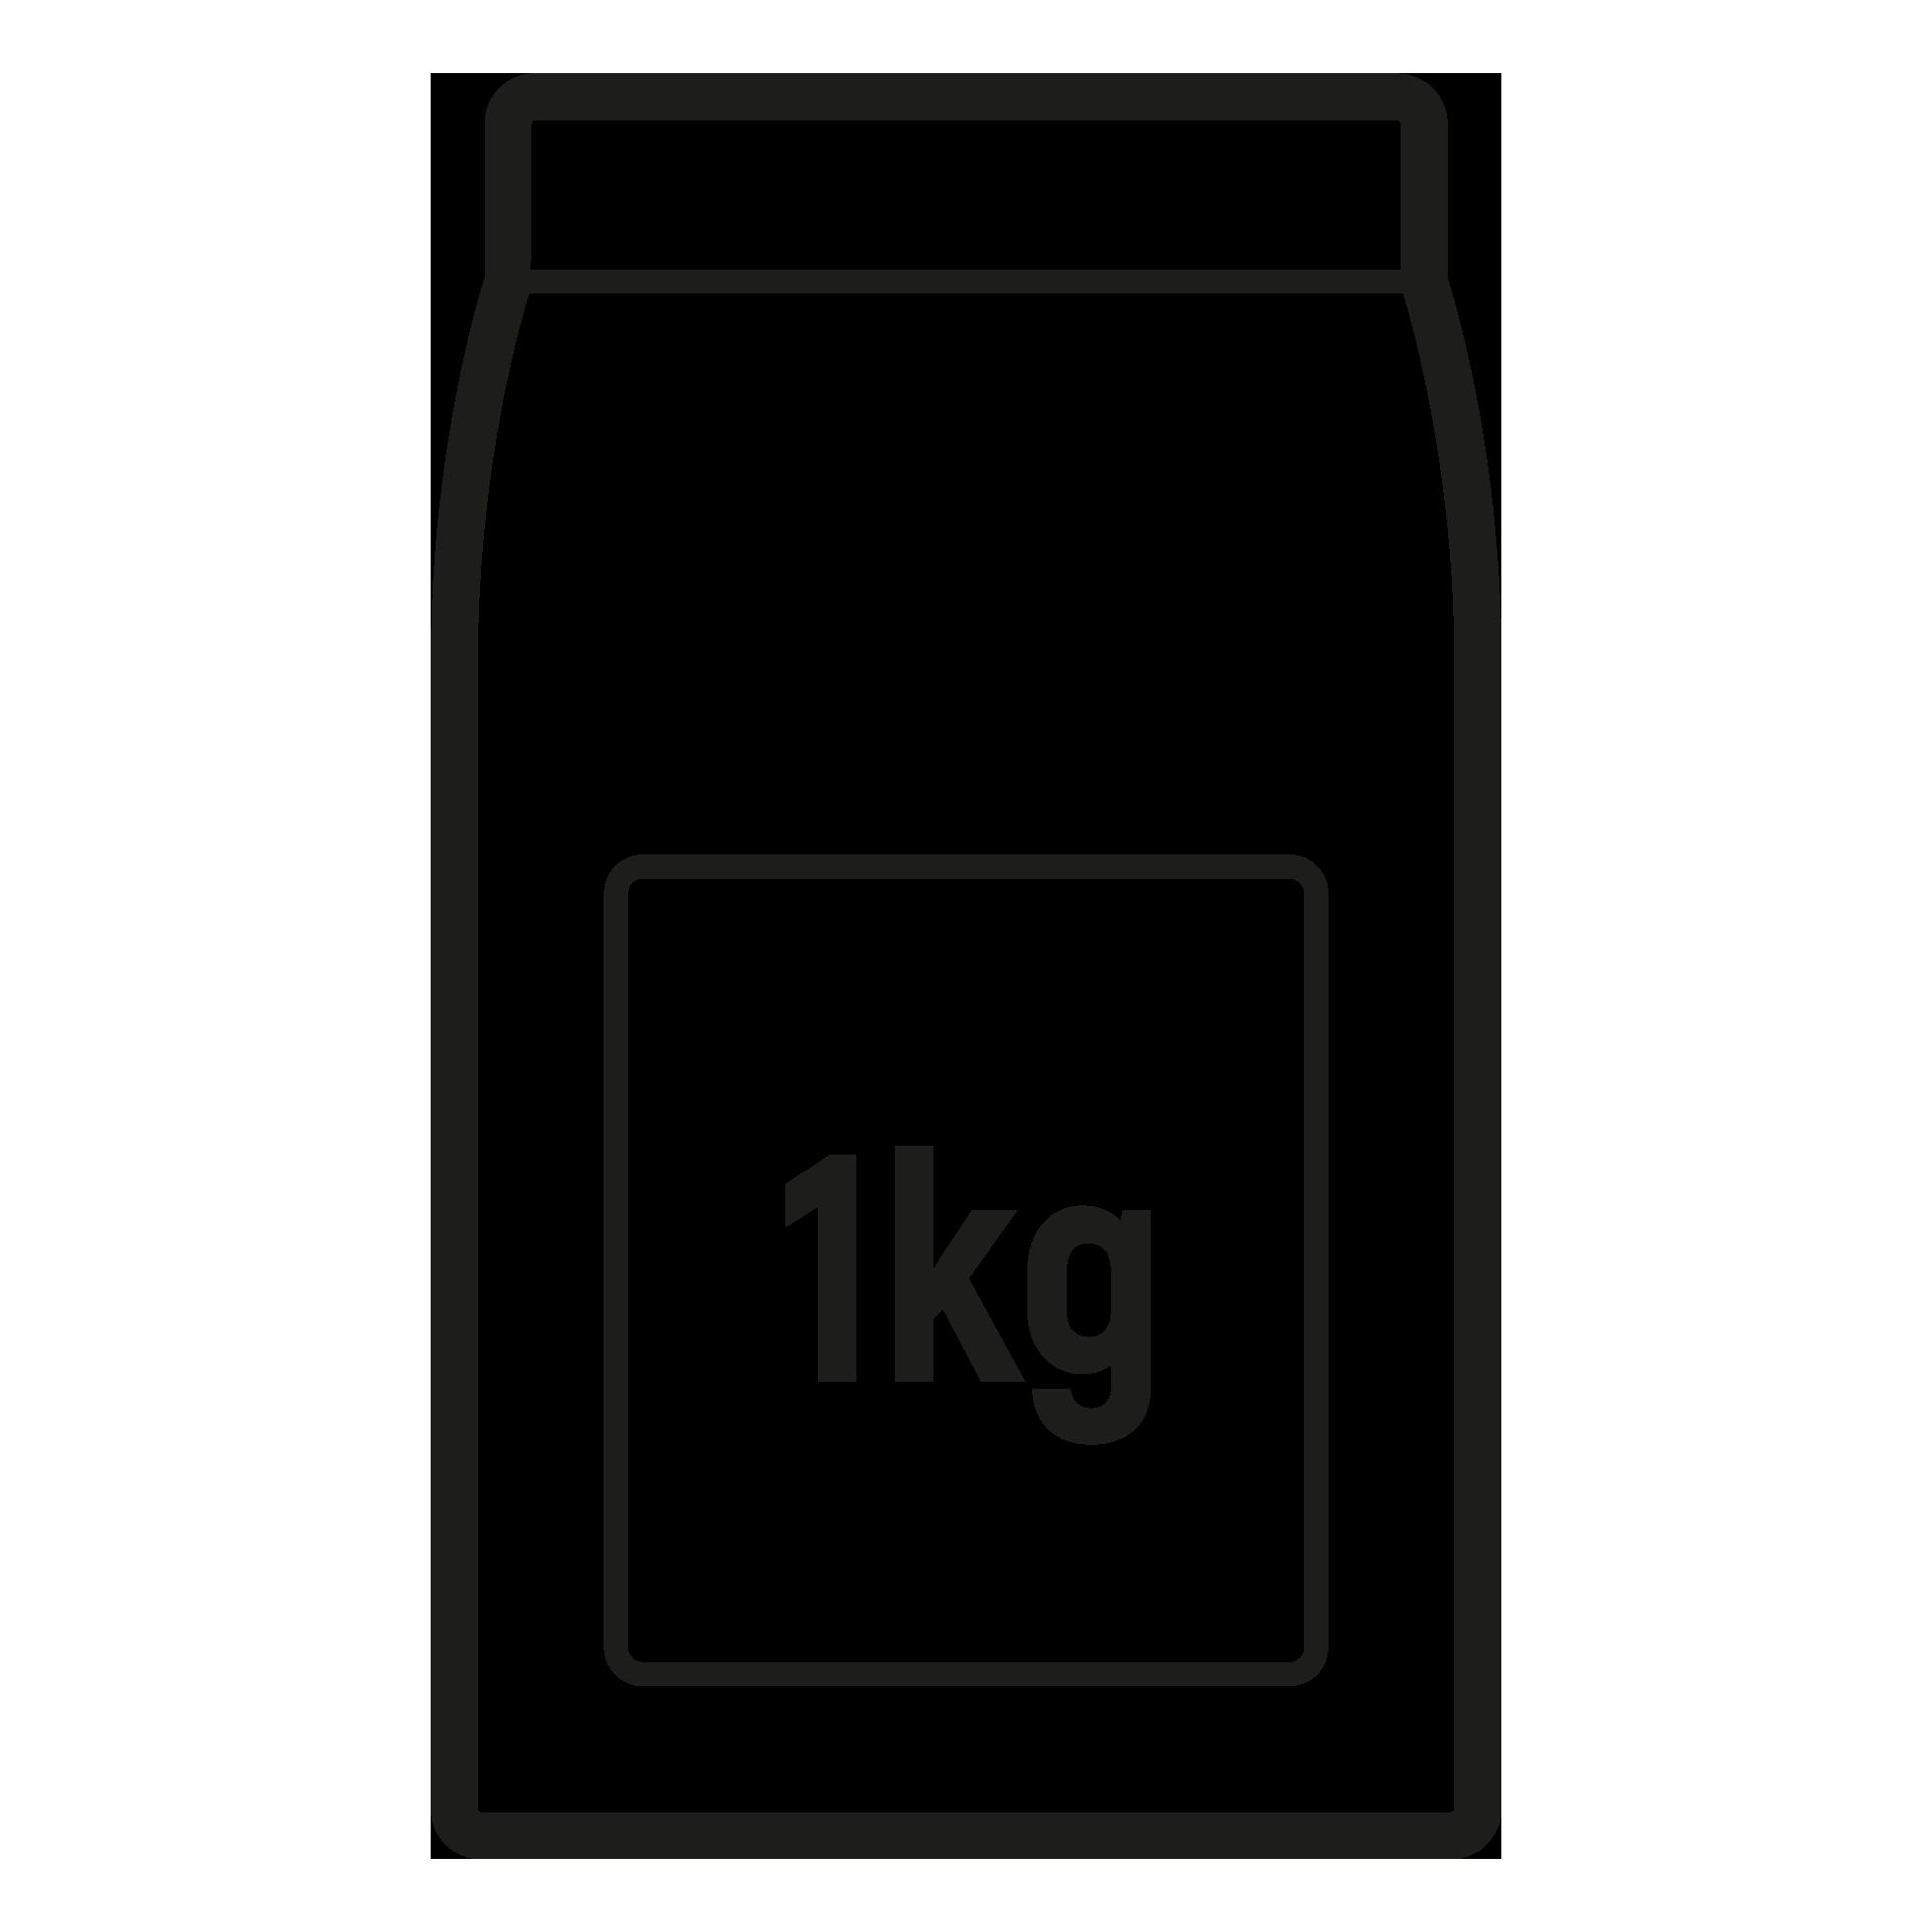 Sac 1kg